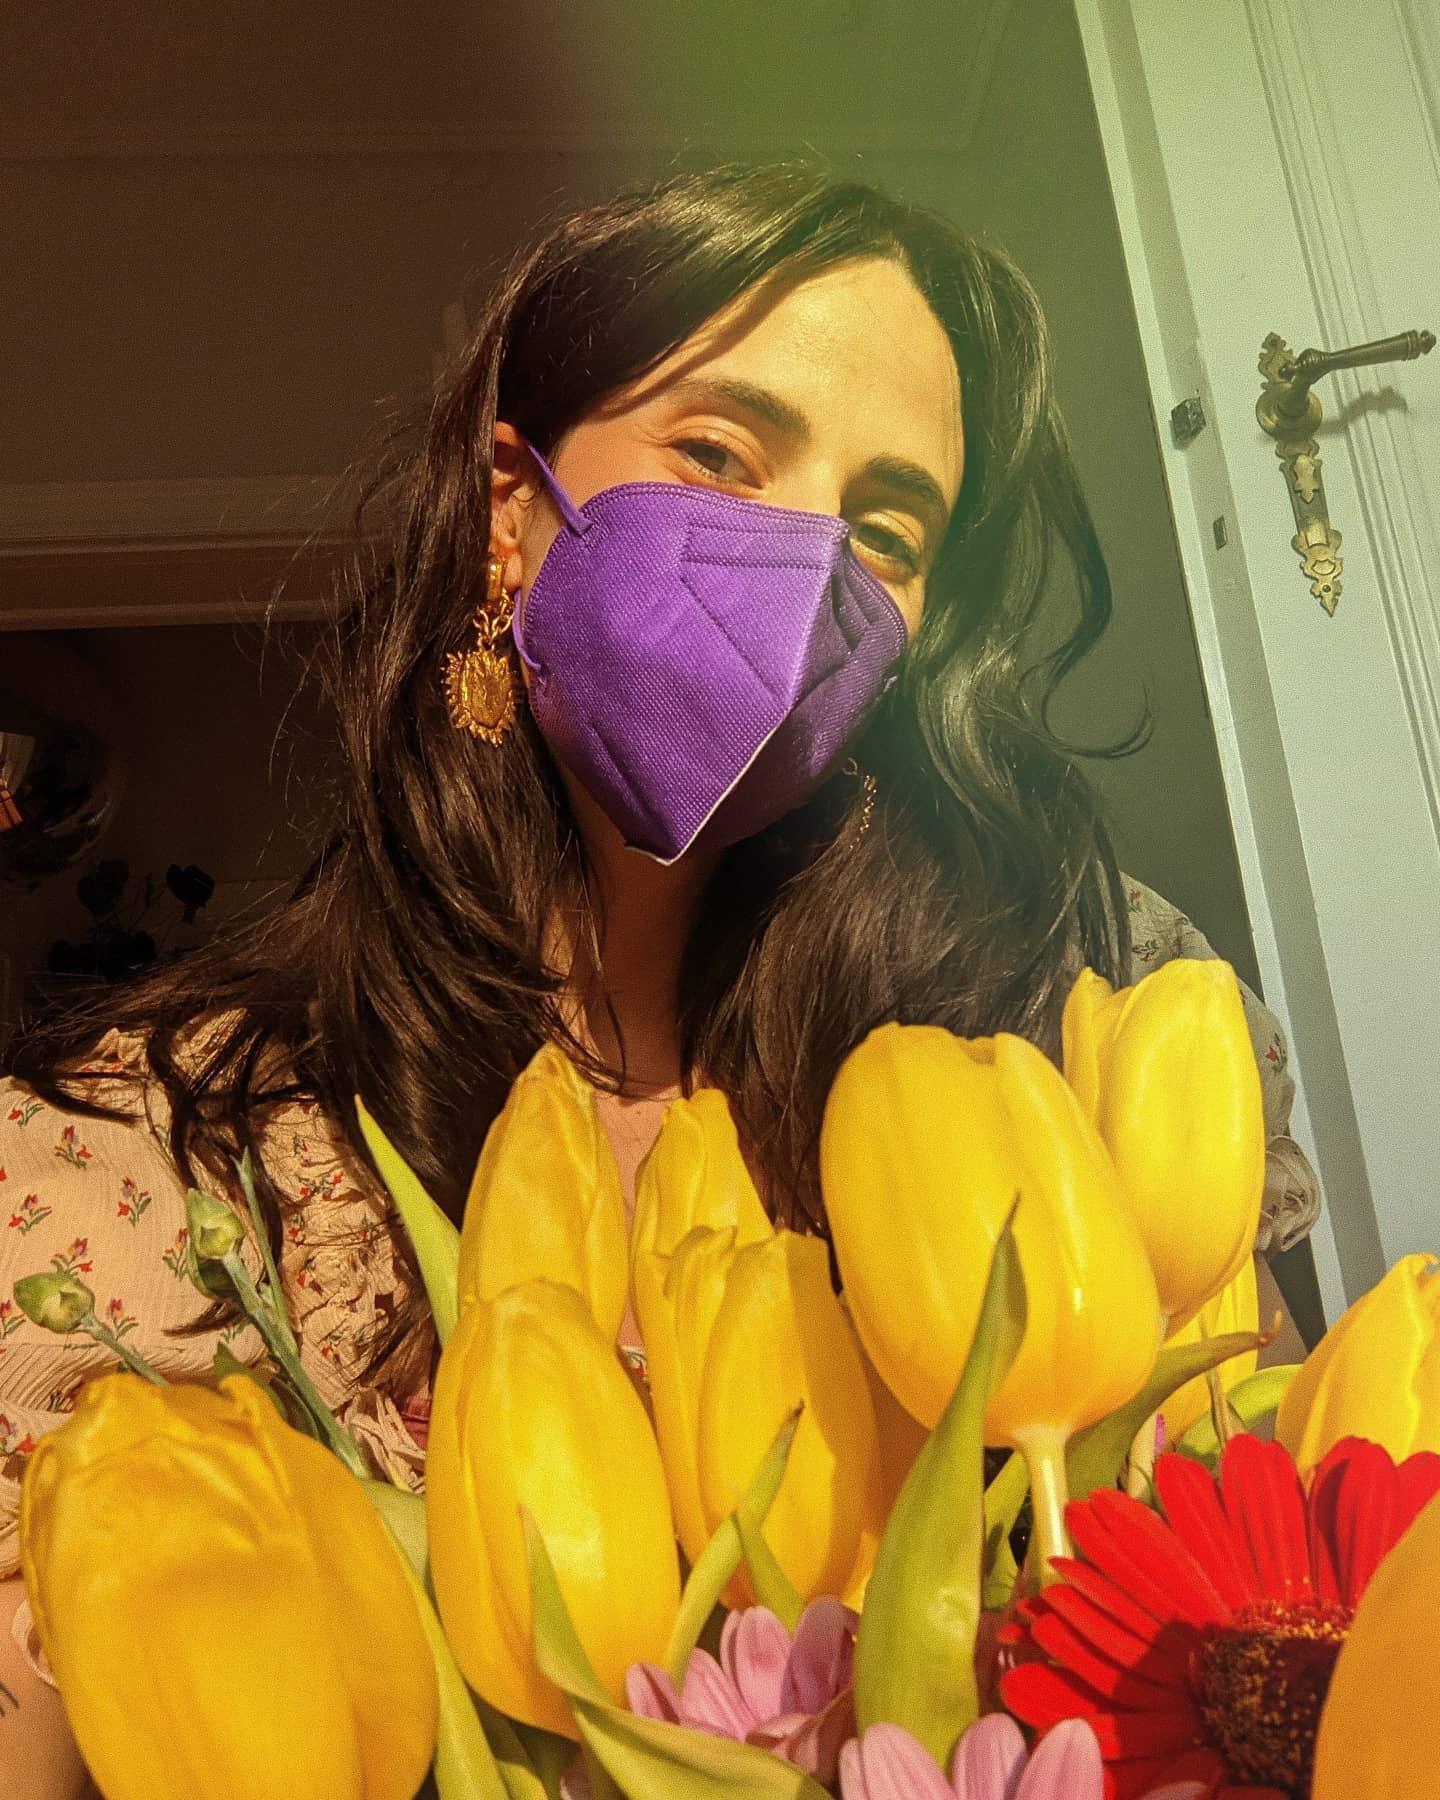 Unbezalte Werbung • FFP2 Masken gibt es viele, aber keine sind so schön wie diese hier von @oui.jetzt und das im doppelten Sinne: Jede neue Farbe (es sind acht an der Zahl) hat eine Patin zugeteilt bekommen, denn 1 € pro verkaufter Maske geht an eine von der jeweiligen Patin ausgesuchte Organisation. Mein Anteil, also alles, was dank Fliederlila in die Spendenkasse gespült wird, soll @stimmrechtgegenunrecht zugute kommen. Danke für euch.   Stimmrecht Gegen Unrecht ist ein feministisches Kollektiv, das sich für die Selbstbestimmungsrechte von FLINTA*-Personen, das bedeutet von Frauen, Lesben, inter, non-binary und trans* und agender Menschen, einsetzt. Zu den Schwerpunktthemen gehören dabei die Entstigmatisierung und Entkriminalisierung von Abtreibungen sowie der Kampf gegen digitale Gewalt an FLINTA* Personen. Gerade in Bezug auf das Thema Schwangerschaftsabbrüche setzt sich das Kollektiv für eine Abschaffung der §218 und §219a StGB ein und möchte zu einer besseren Informationslage rund um das Thema ungewollte Schwangerschaften gerade auch bei jüngeren Menschen beitragen. Gleichzeitig möchte das Kollektiv auch weiterhin auf digitale Gewalt aufmerksam machen und durch Fortführung von Arbeiten wie der #toxicmalenet-Kampagne gegen digitale Gewalt an FLINT*-Personen, gesellschaftliche Missstände anprangern und Anreize schaffen, sich mit diesen auseinanderzusetzen. In Form von regelmäßigen Aktionsgruppen stellt SGU außerdem Interessierten die Infrastruktur und Ressourcen zur Verfügung, den ersten Einstieg in den feministischen Aktivismus zu wagen, und durch eigene kleine Projekte feministischen Aktivismus voranzutreiben. Denn im Vordergrund der Arbeit von SGU steht dabei immer Hürden zu politischen Themen abzubauen und Menschen zu ermutigen, ihre Stimme gegen Unrecht zu nutzen.  #prochoice #abortionincrisis